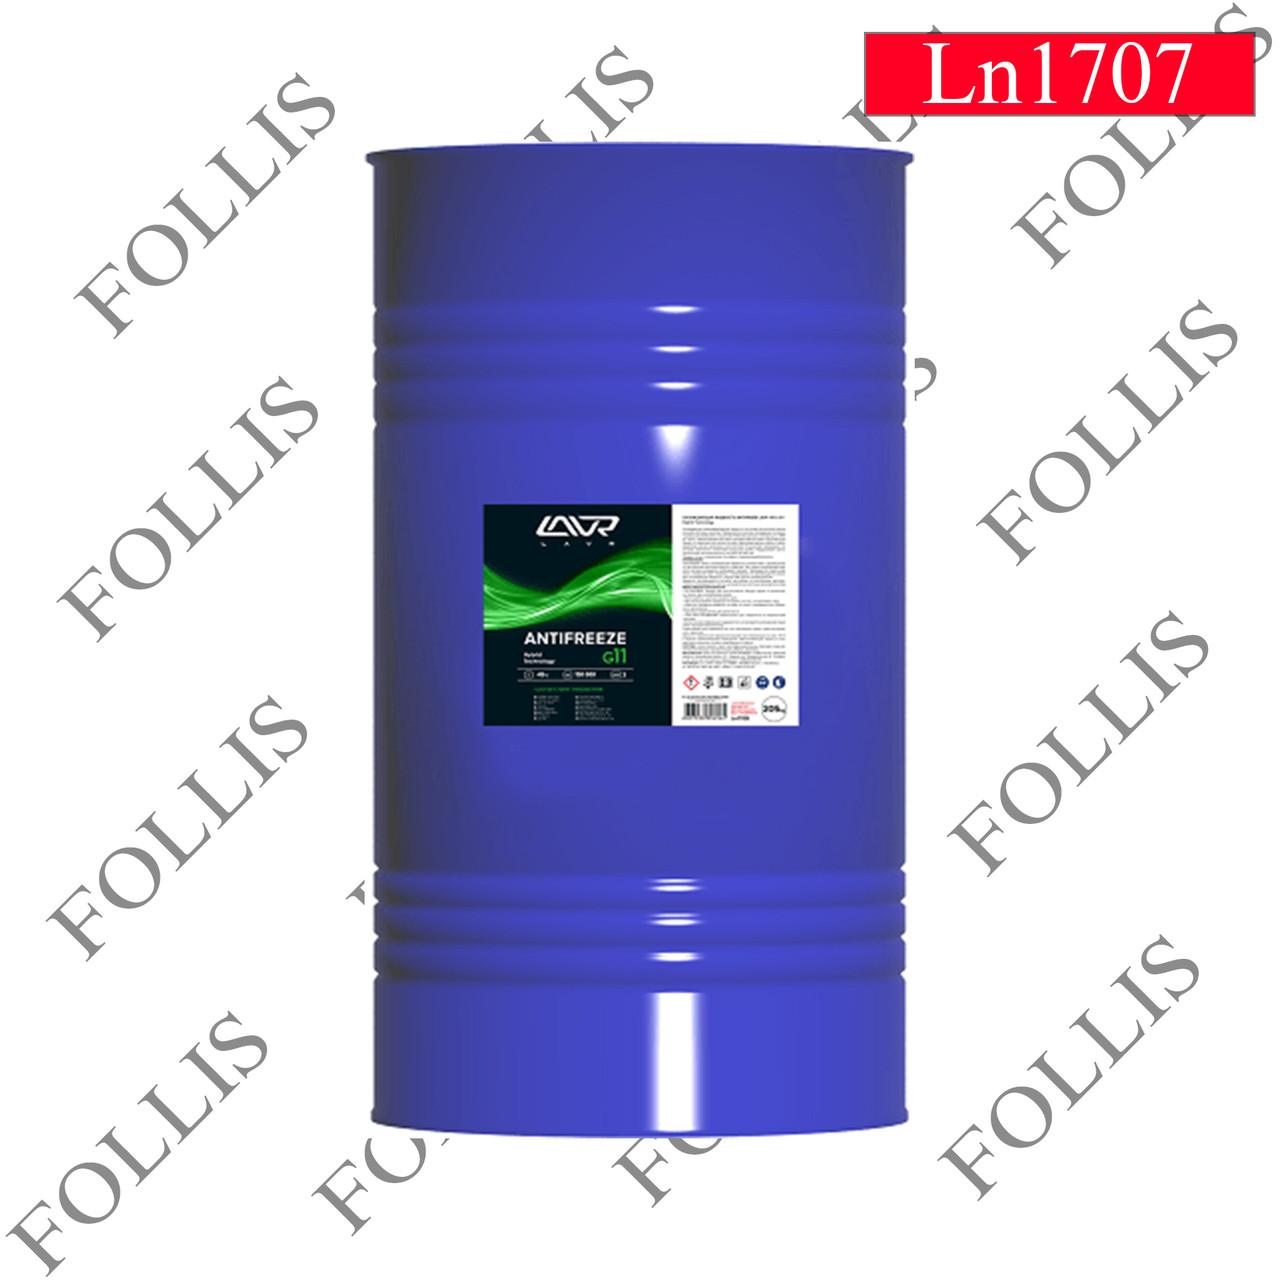 Охлаждающая жидкость ANTIFREEZE LAVR -45 G11 205кг